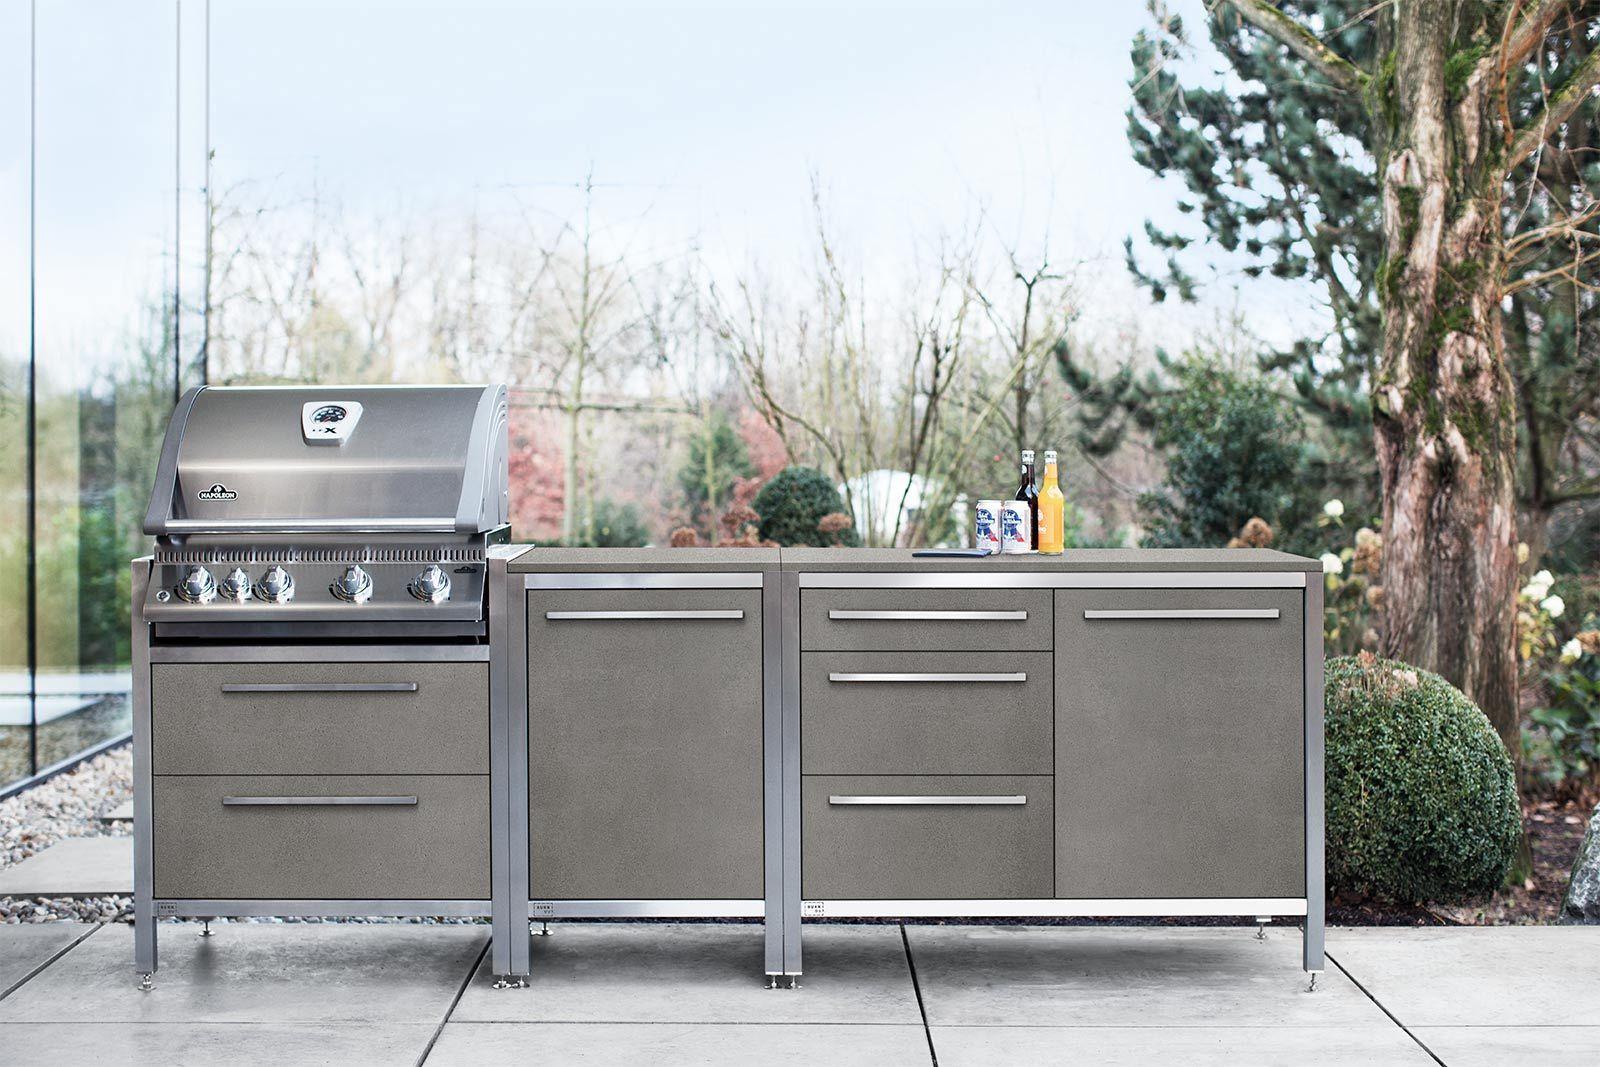 Unsere Kuchen Burnout Kitchen Die Outdoorkuche Outdoor Decor Decor Home Decor